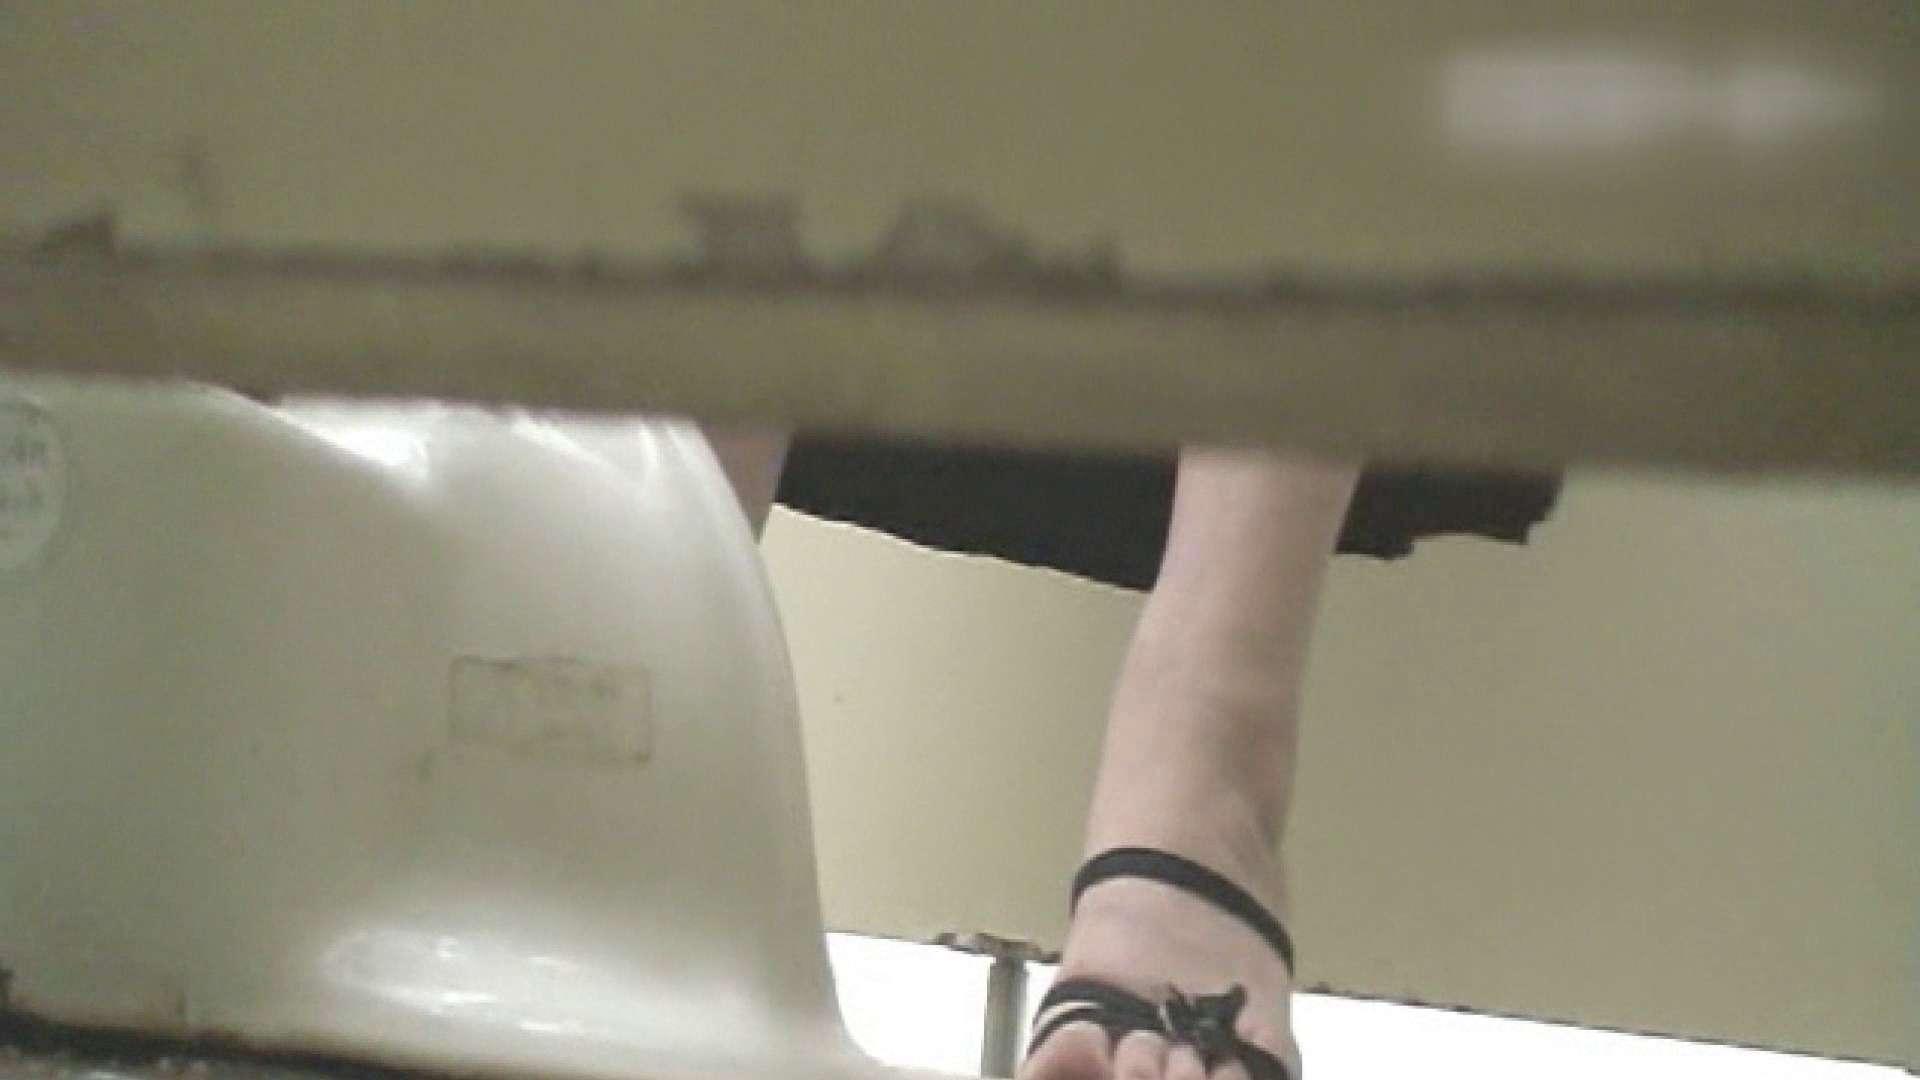 ロックハンドさんの盗撮記録File.08 厠・・・ 盗み撮り動画 76PIX 61